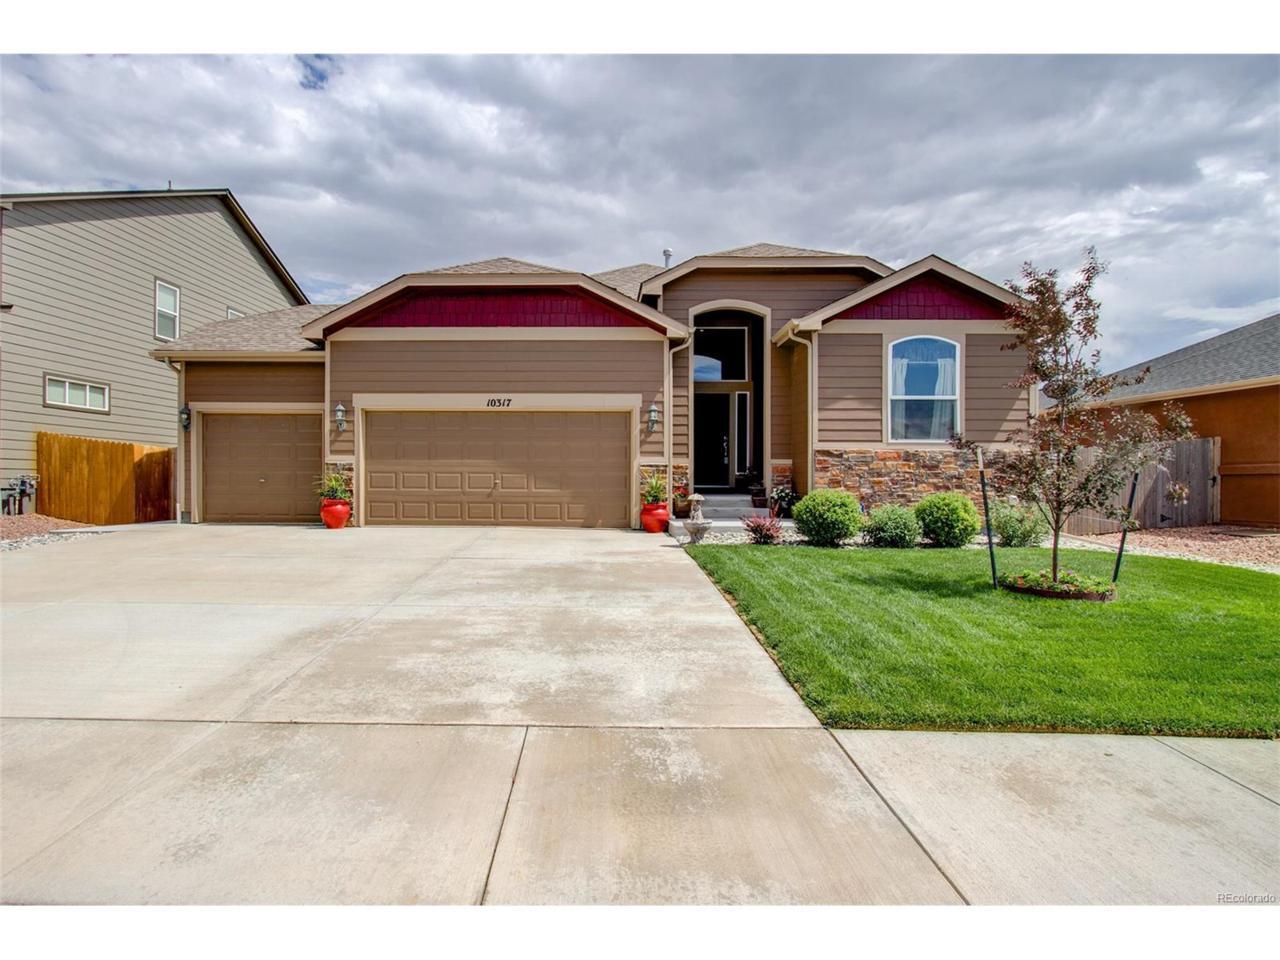 10317 Declaration Drive, Colorado Springs, CO 80925 (MLS #9553910) :: 8z Real Estate